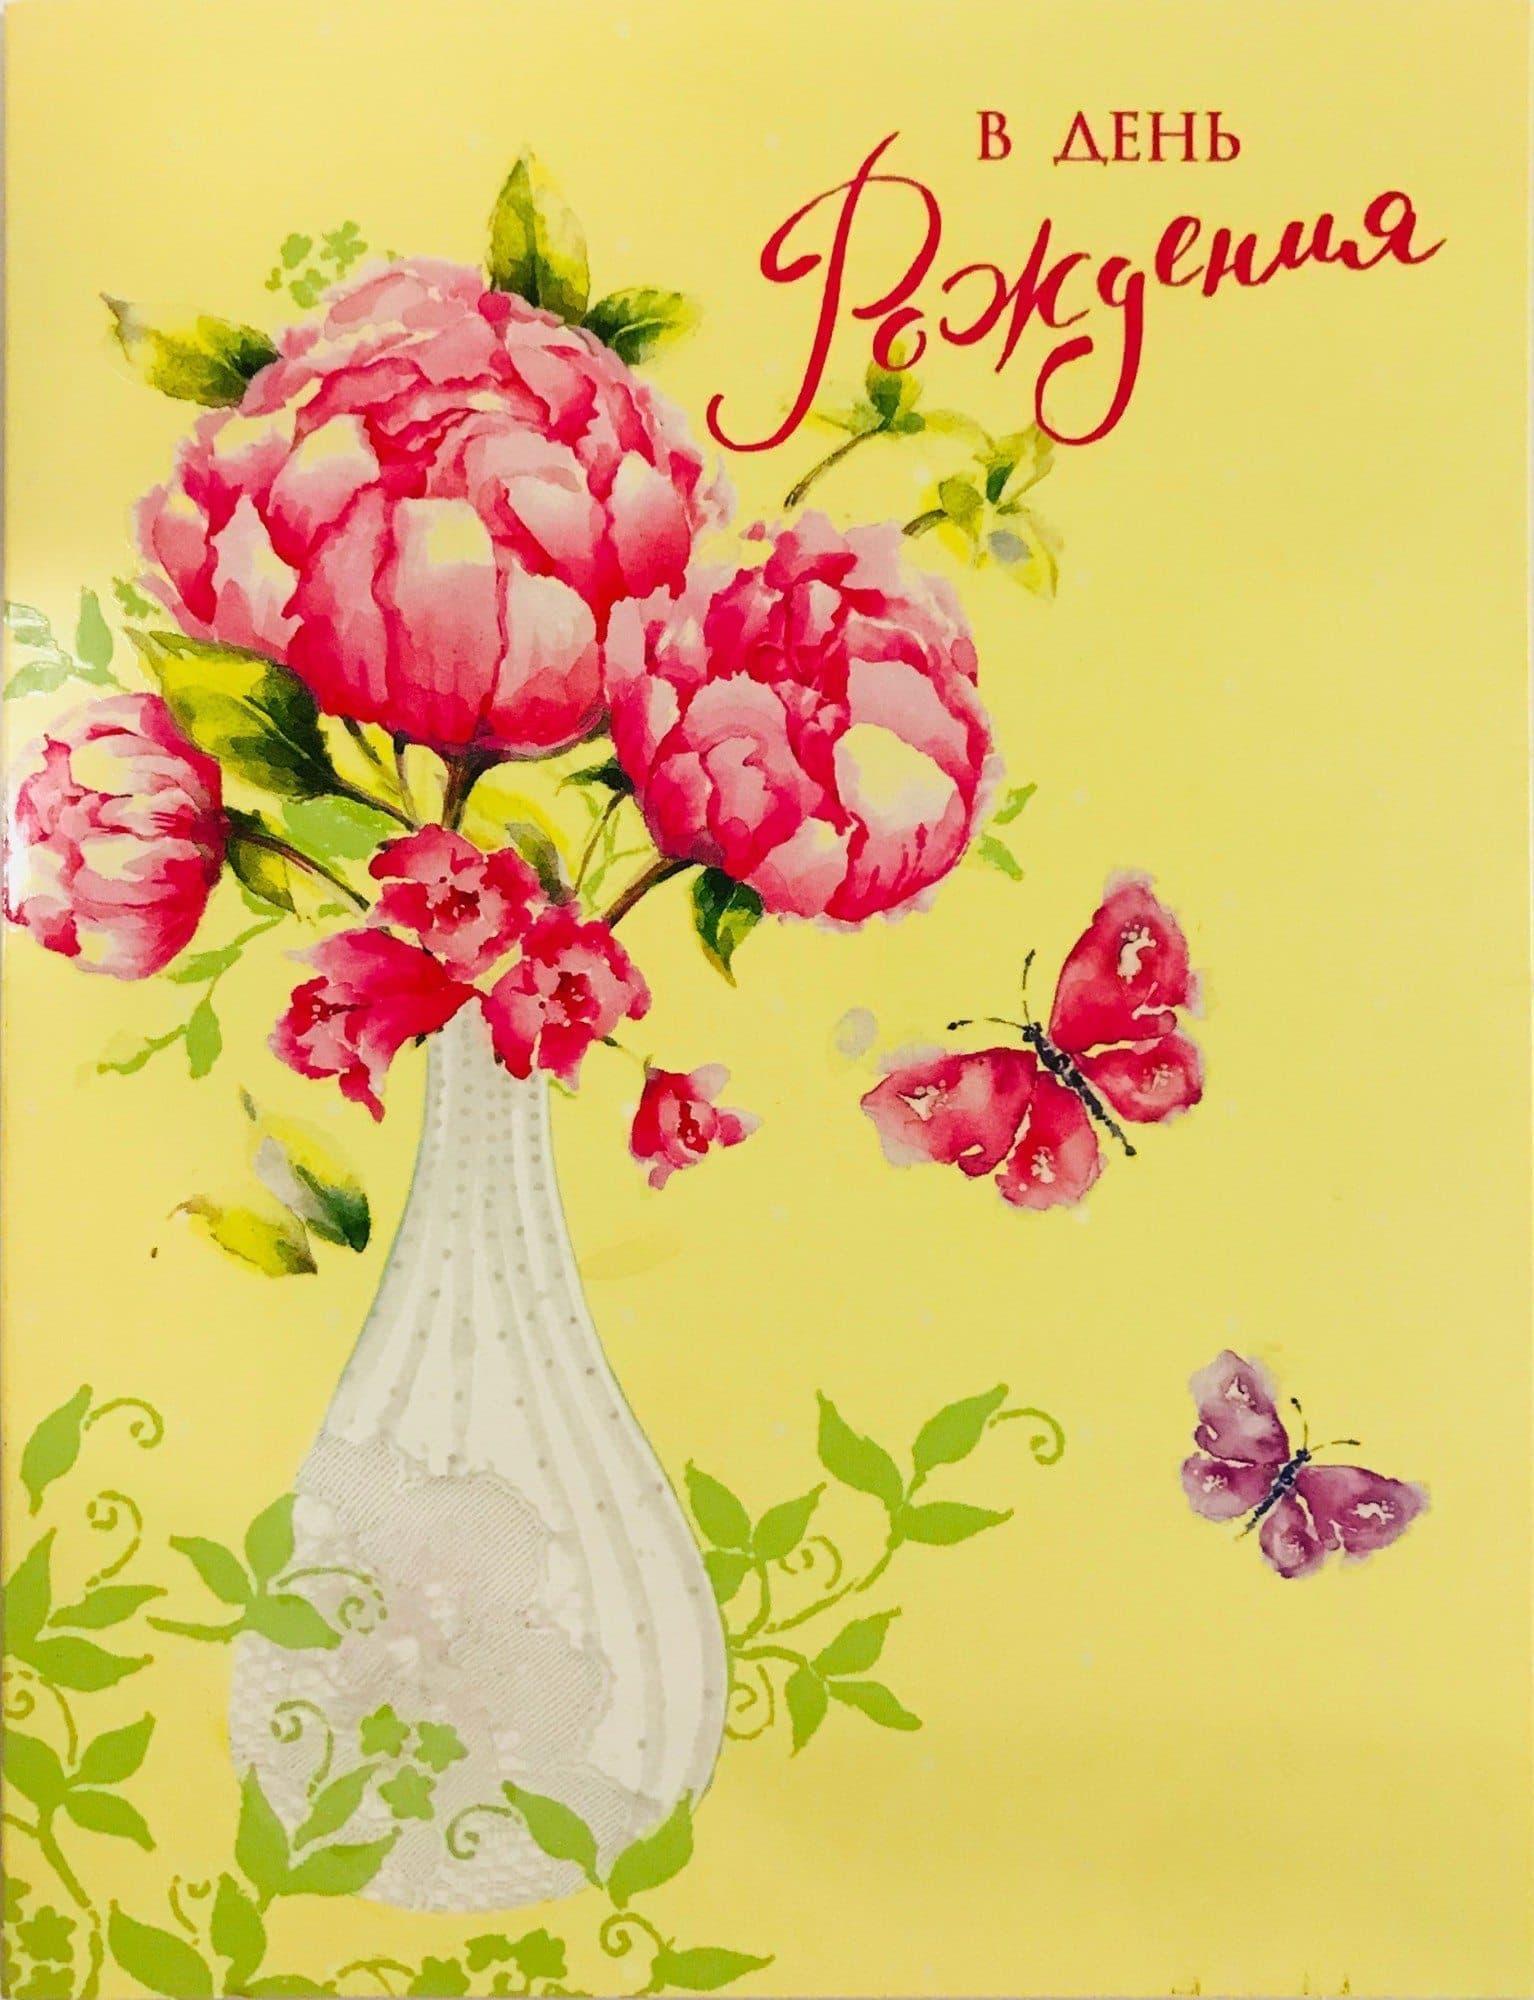 Открытка большая В день рождения, с вазойОткрытки<br><br>